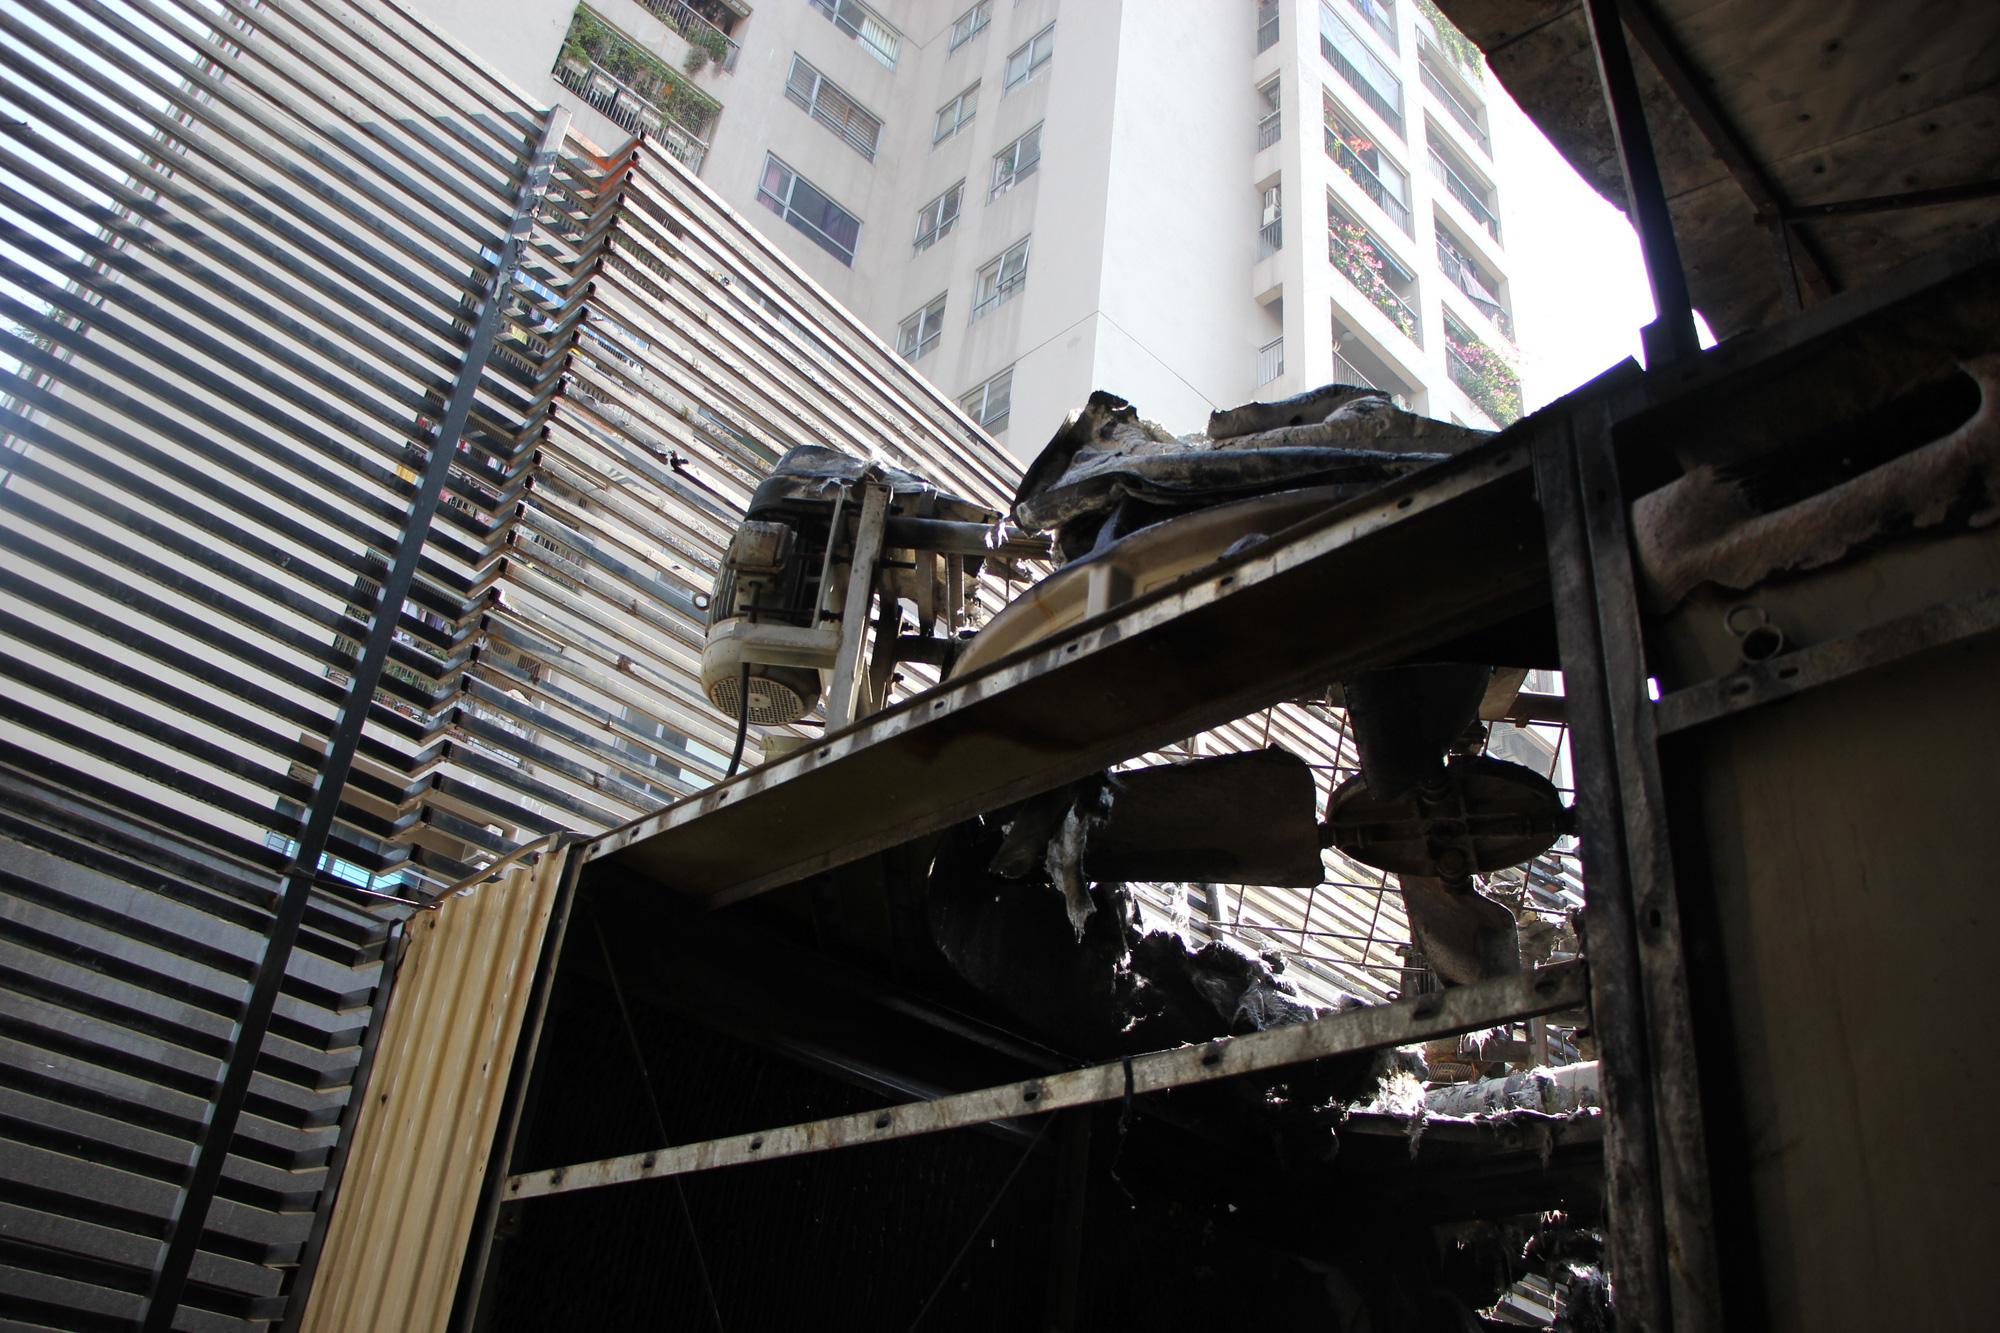 Hà Nội: Cháy hệ thống điều hòa chung cư, hàng trăm người hoảng loạn bỏ chạy - Ảnh 8.